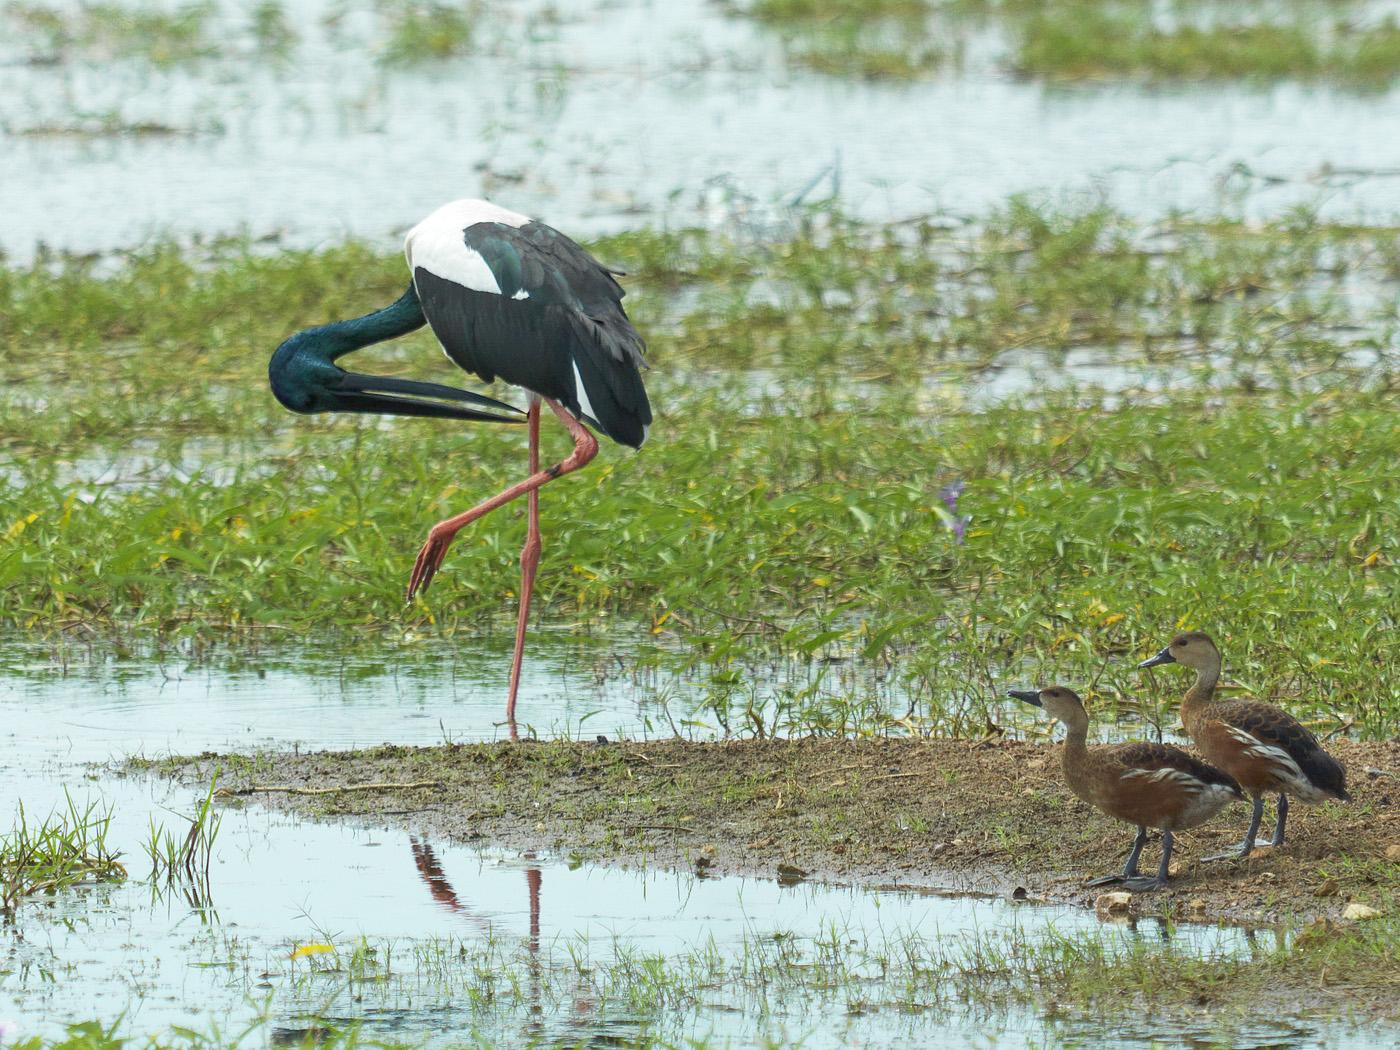 Black-necked Stork, Wandering Whistling-Duck